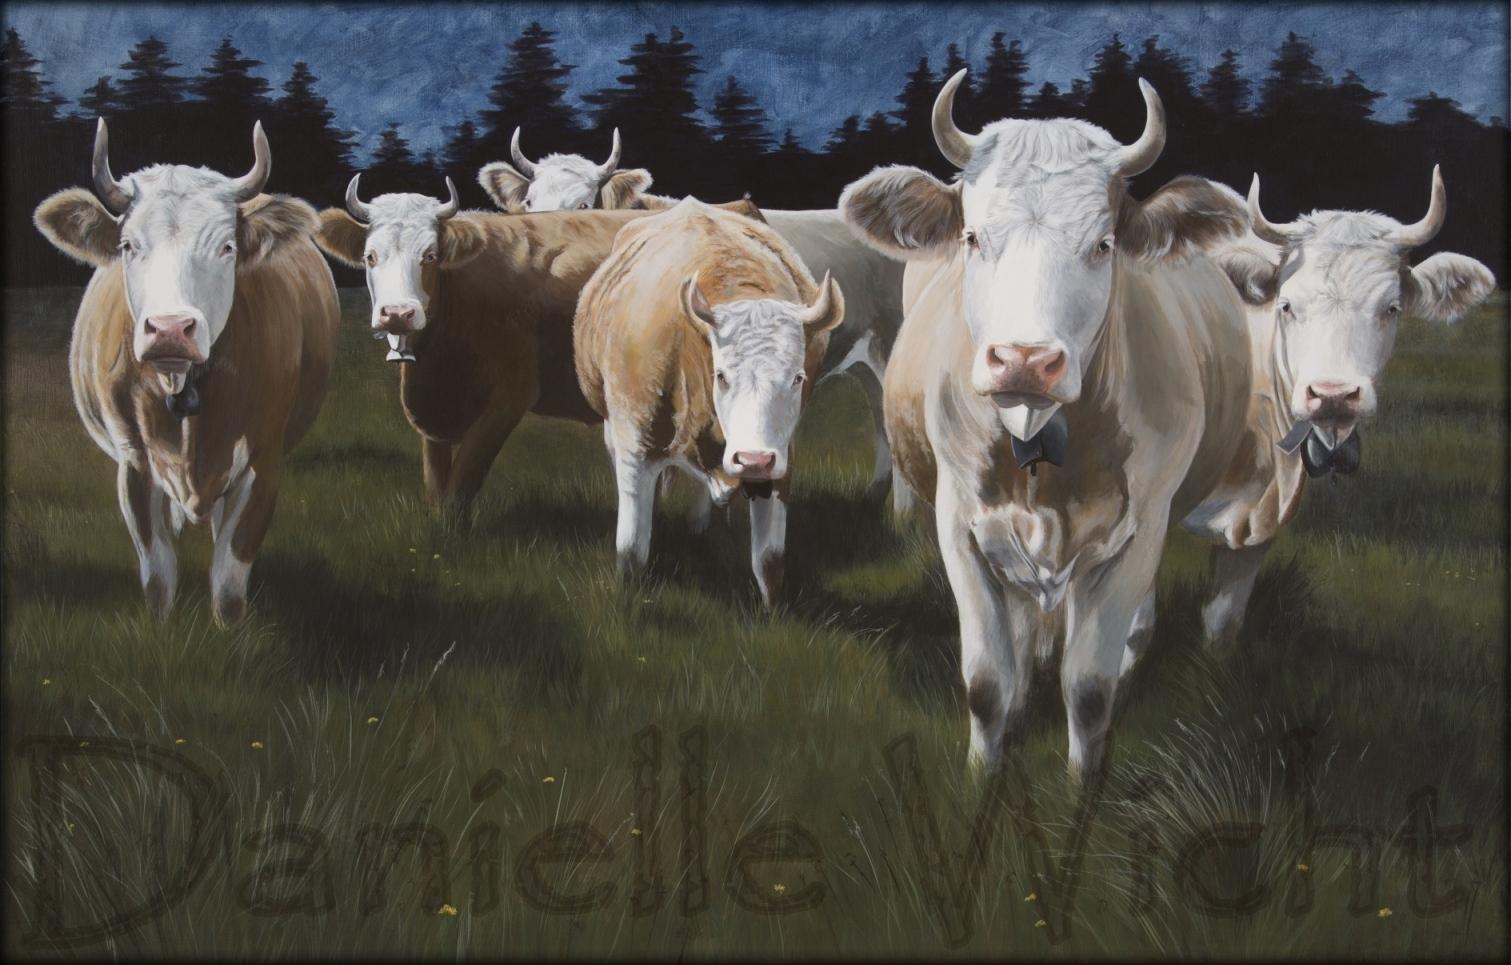 Vaches Simmental à l'orée de la foret  Huile sur toile de lin  90 x 140 cm  Danielle Wicht